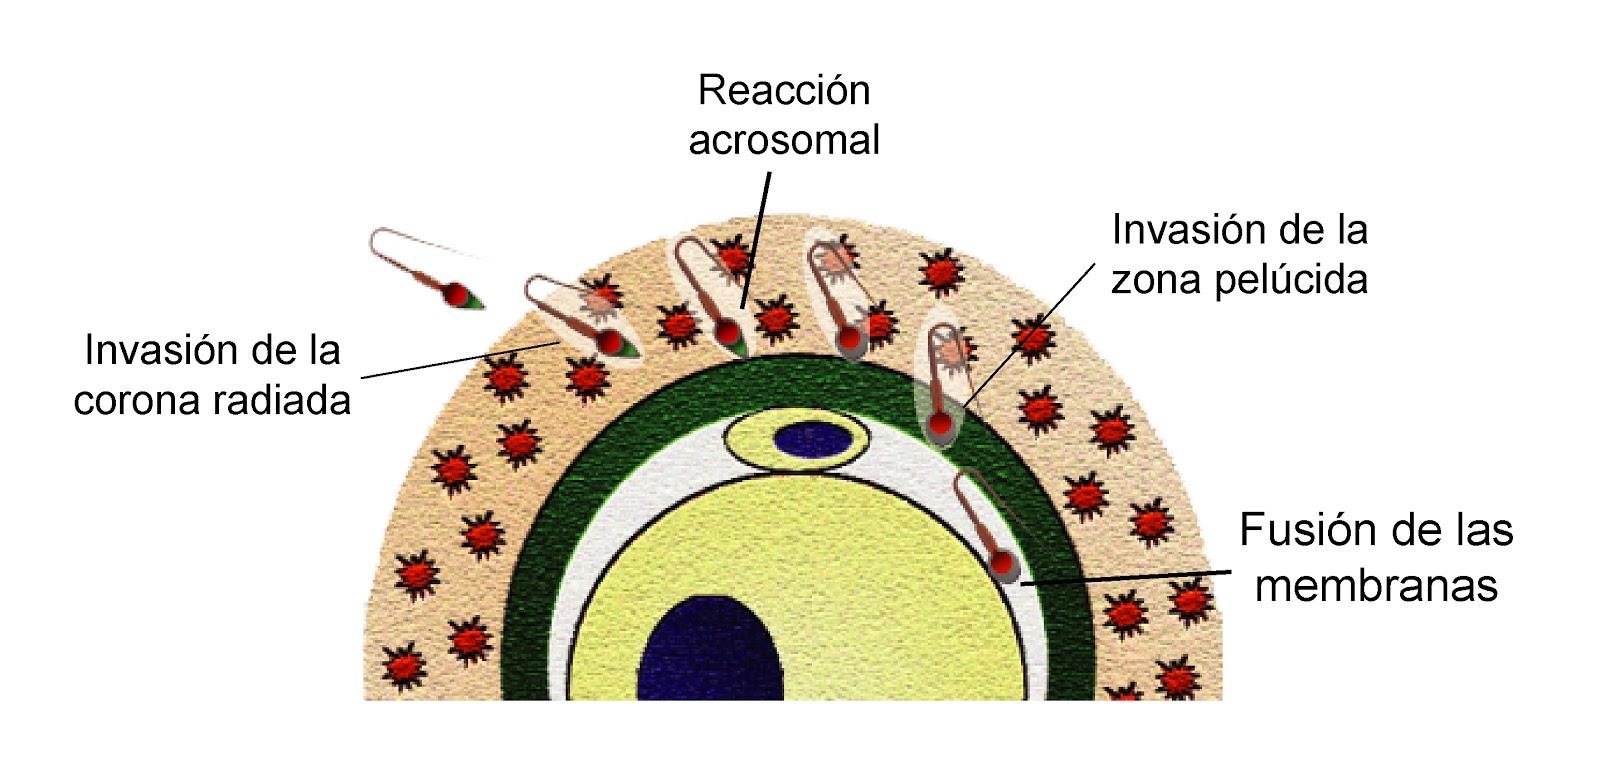 Para la fecundación del óvulo por el espermatozoide éste tiene que invadir la corona radiada y luego la zona pelúcida